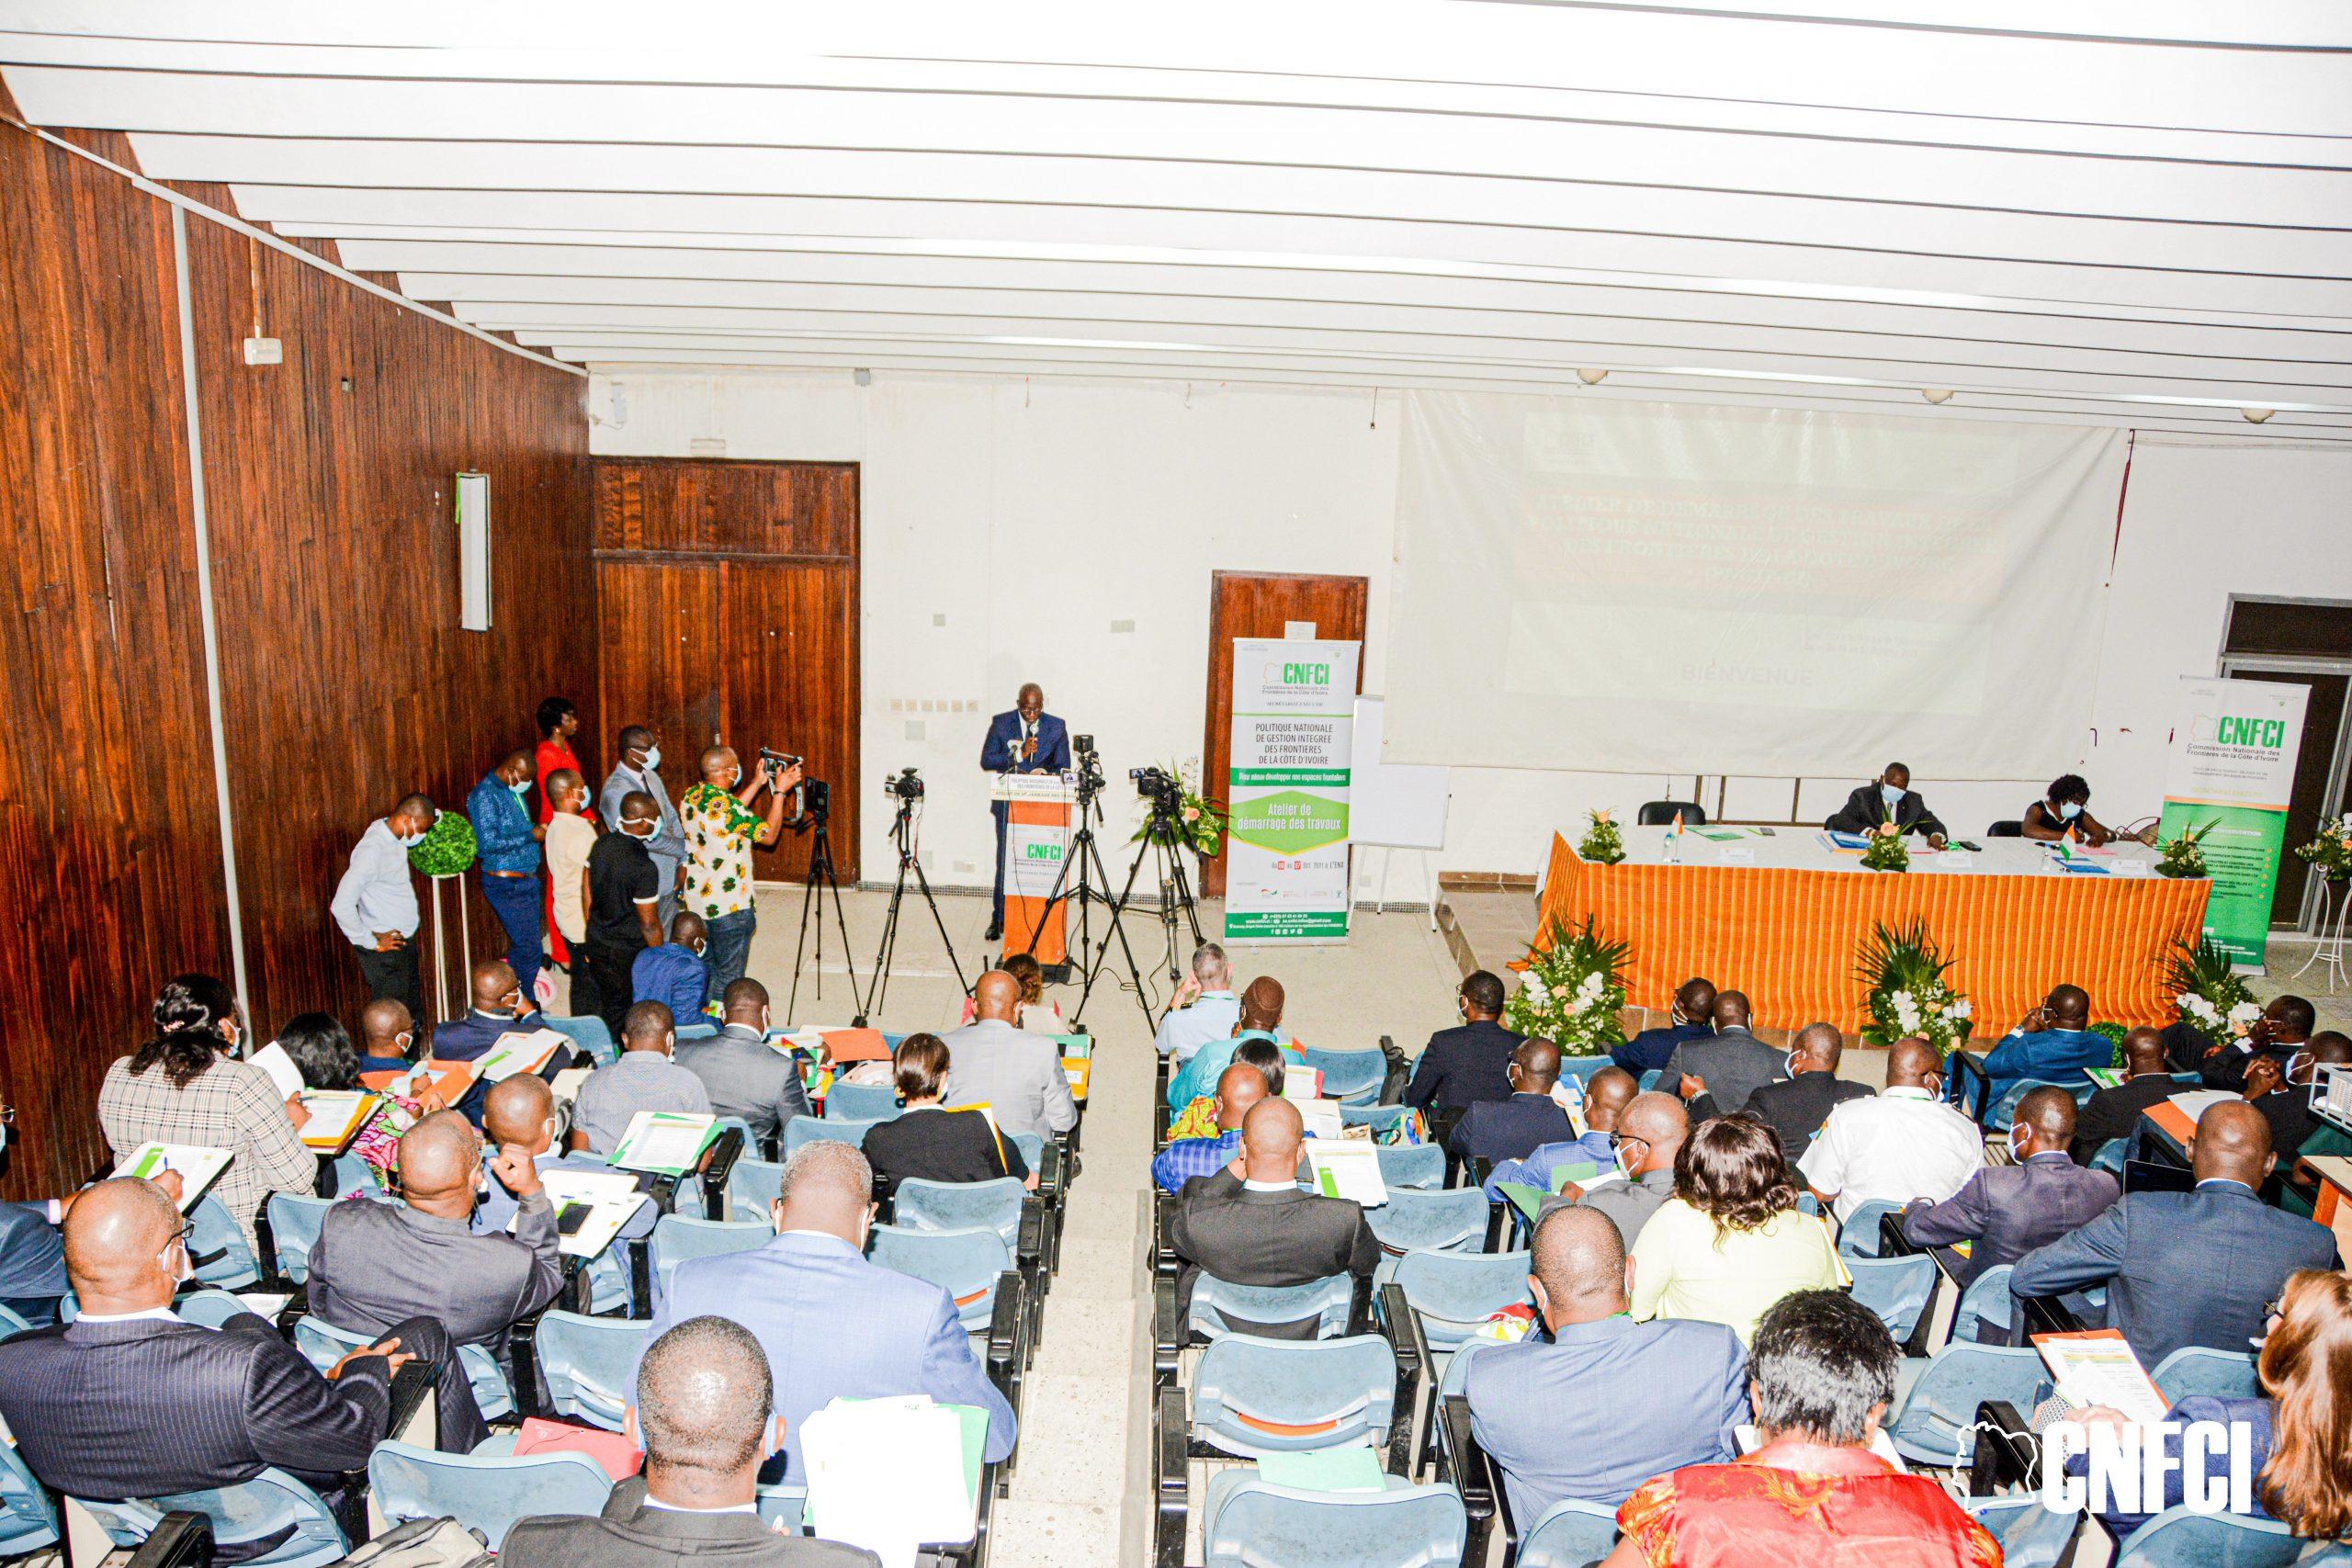 [Côte d'Ivoire] La politique nationale de gestion intégrée des frontières au menu à Abidjan